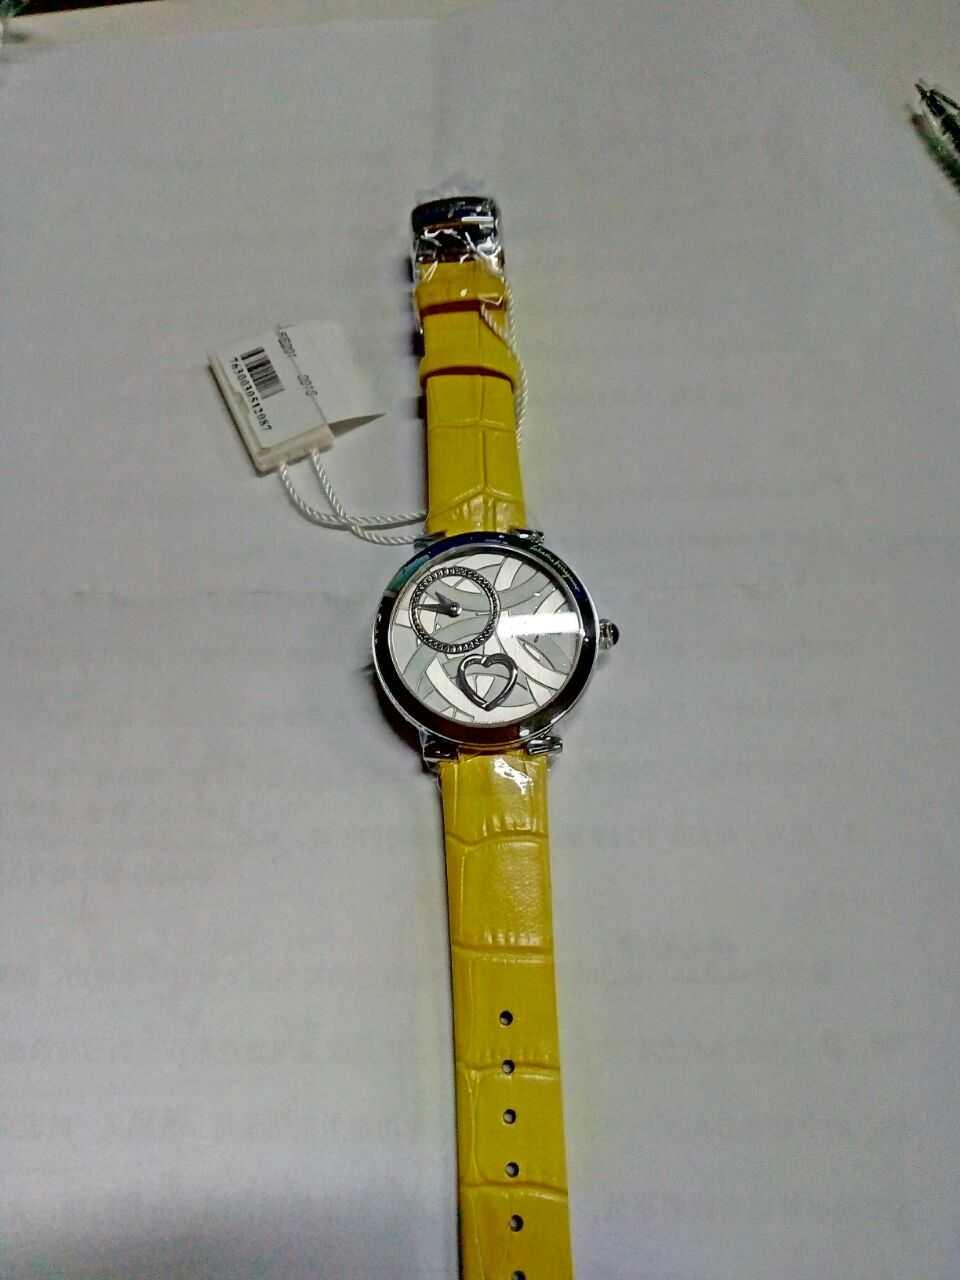 菲拉格慕FE201 0016手表【表友晒单作业】带了几天吧...